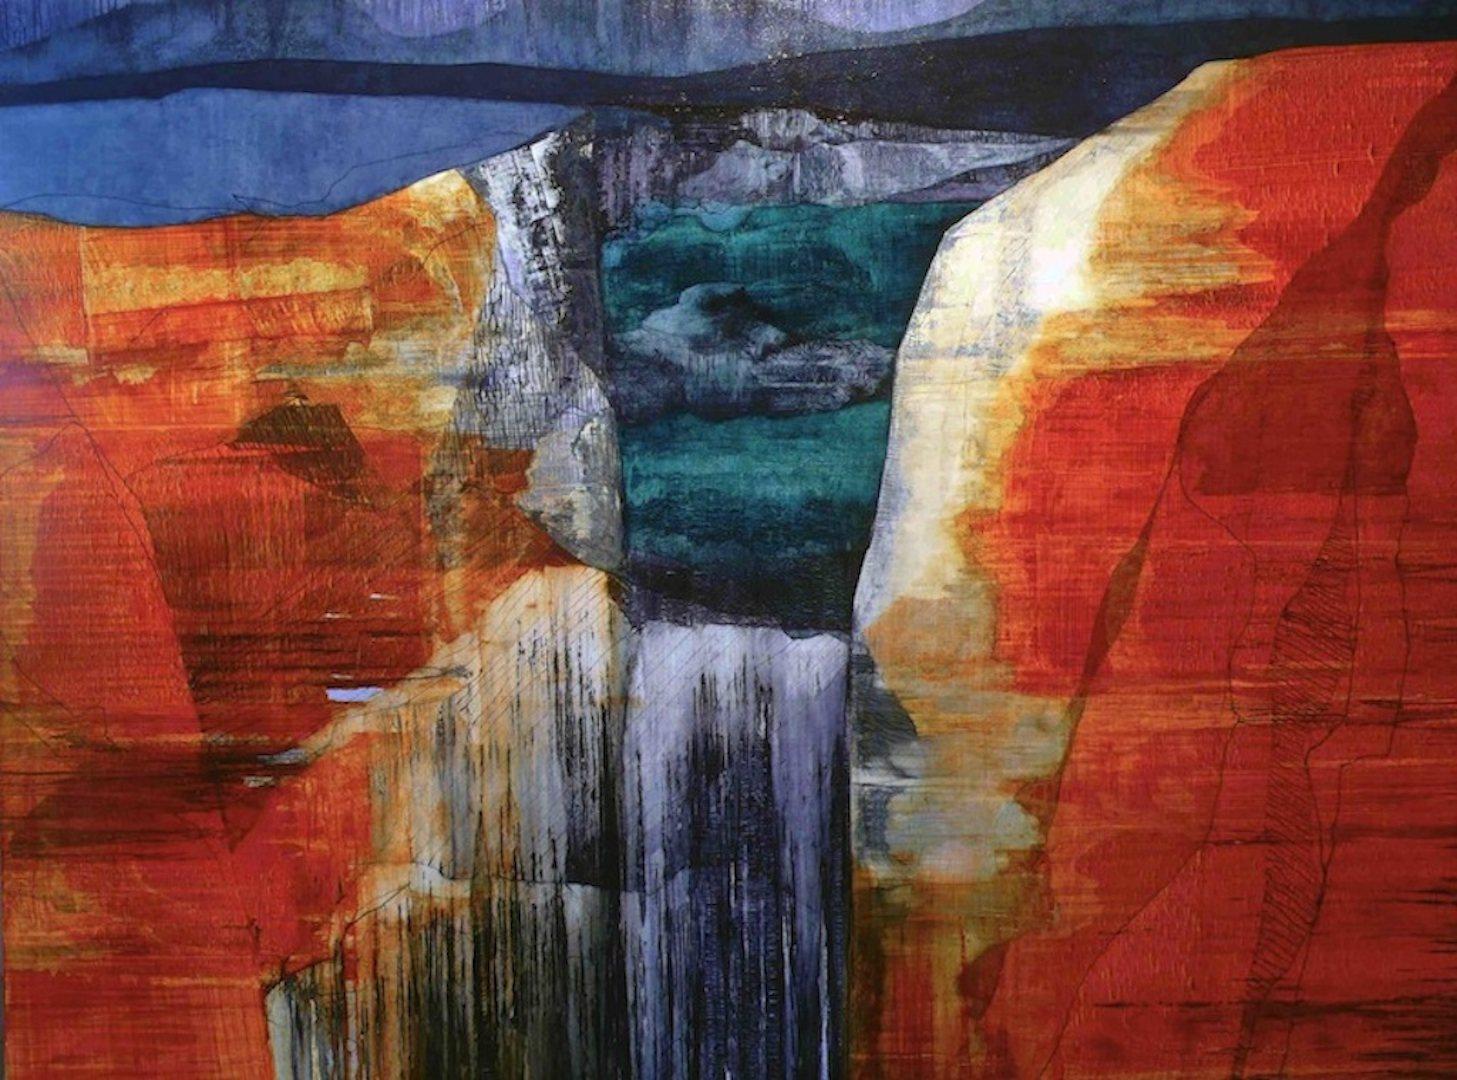 'Western Sea' - Oil on Canvas, 183x244cm, 2012 - Zoe Benbow